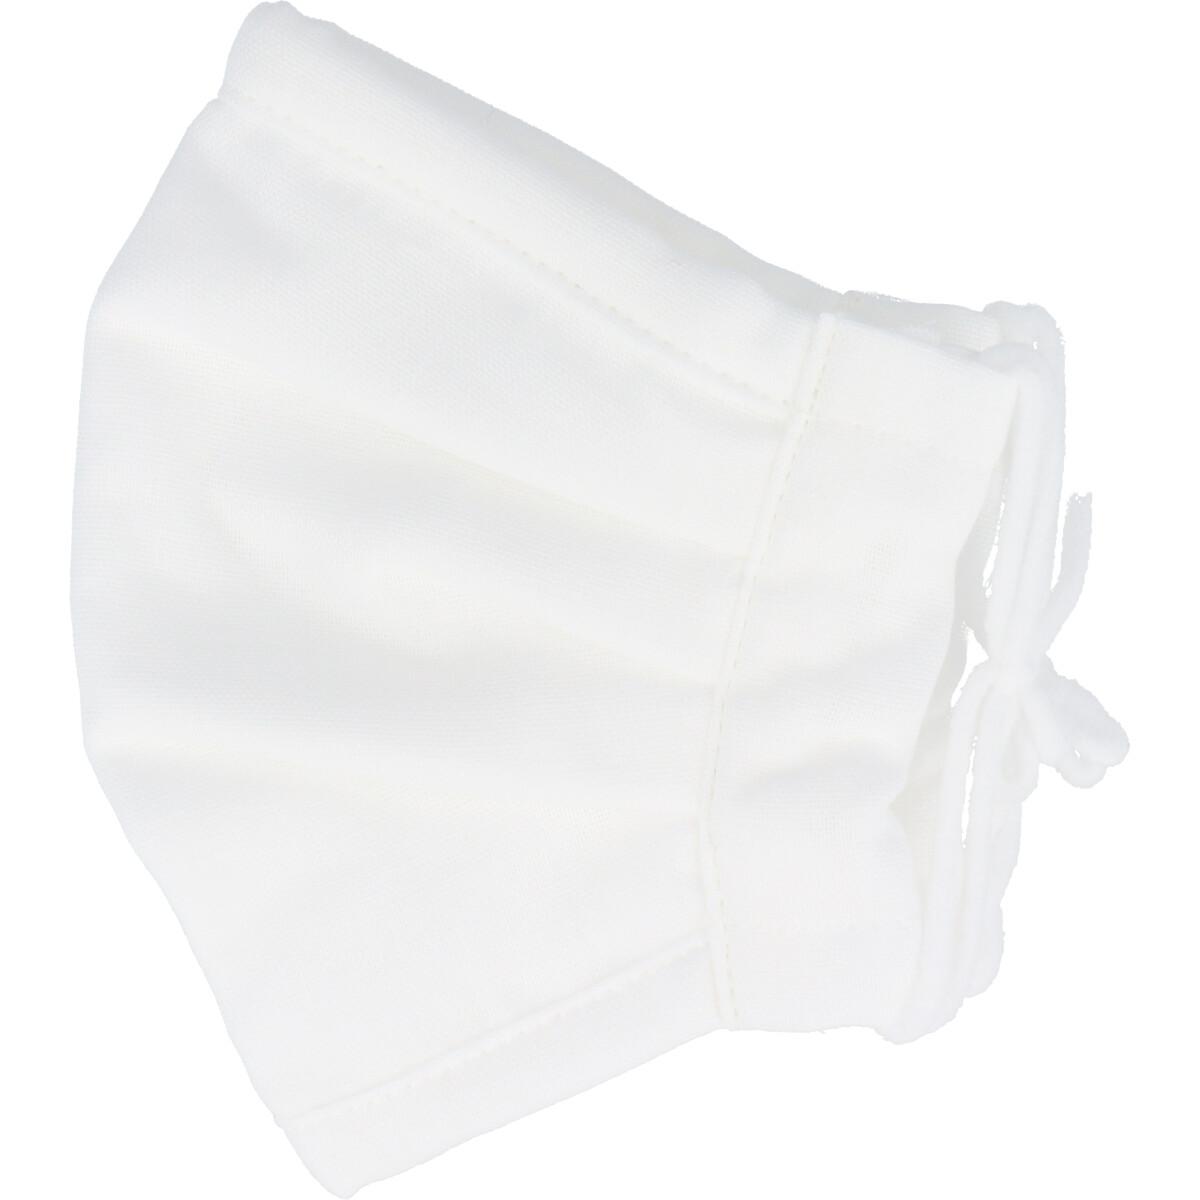 さらふわマスクダイヤドビー 敏感肌用 ホワイト ふつうサイズ 1枚入